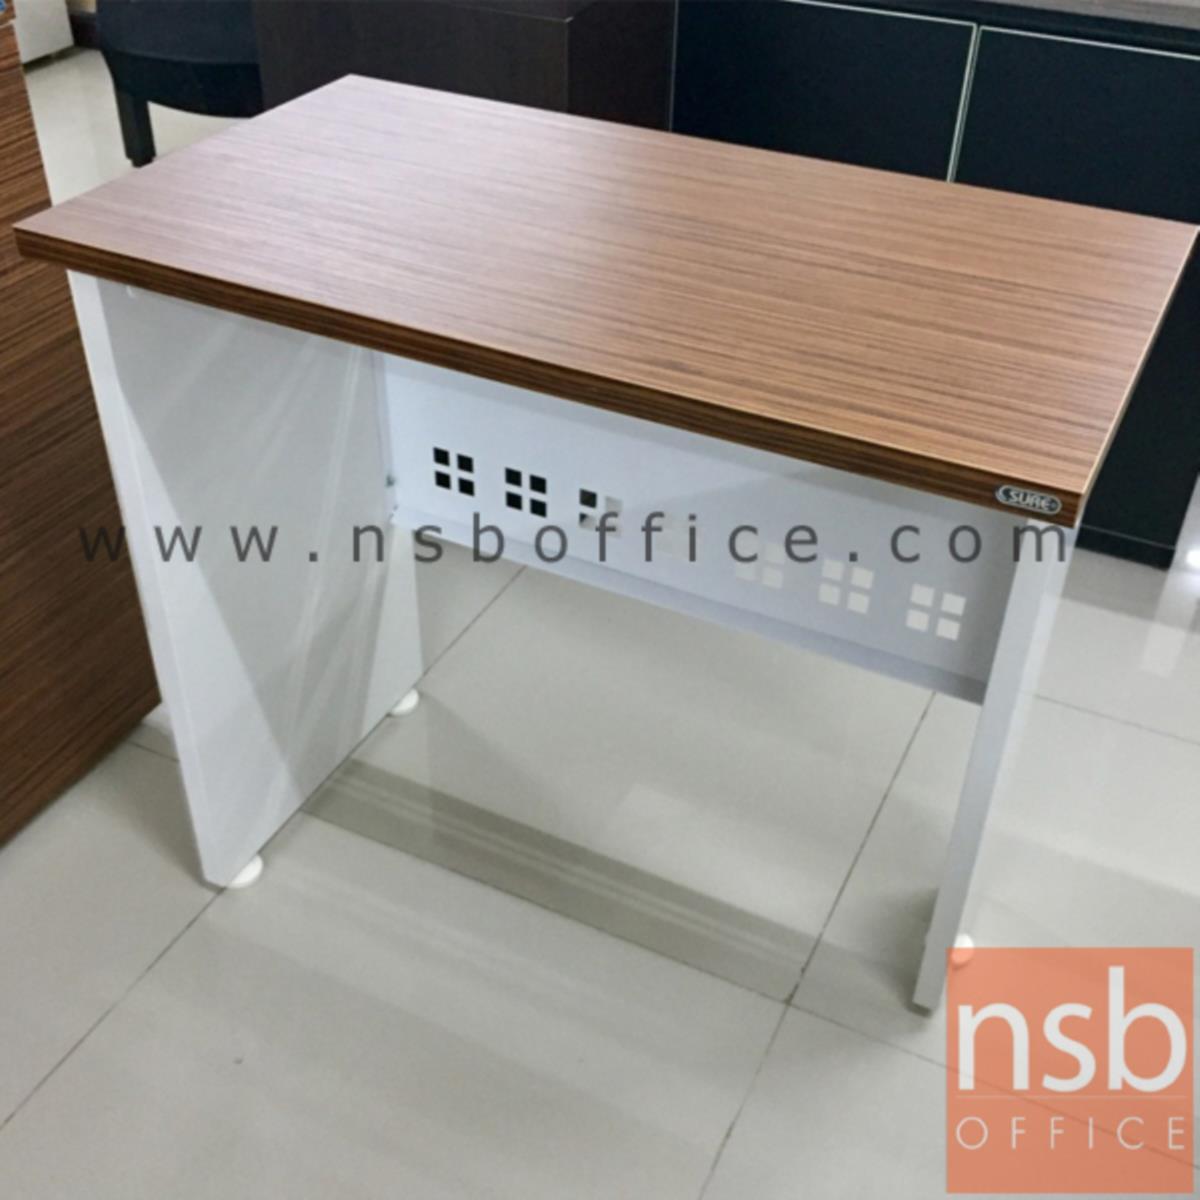 โต๊ะเข้ามุม  รุ่น Cribbie (คลิบบี้) ขนาด 80W cm. พร้อมบังโป๊เหล็ก สีซีบราโน่-ขาว